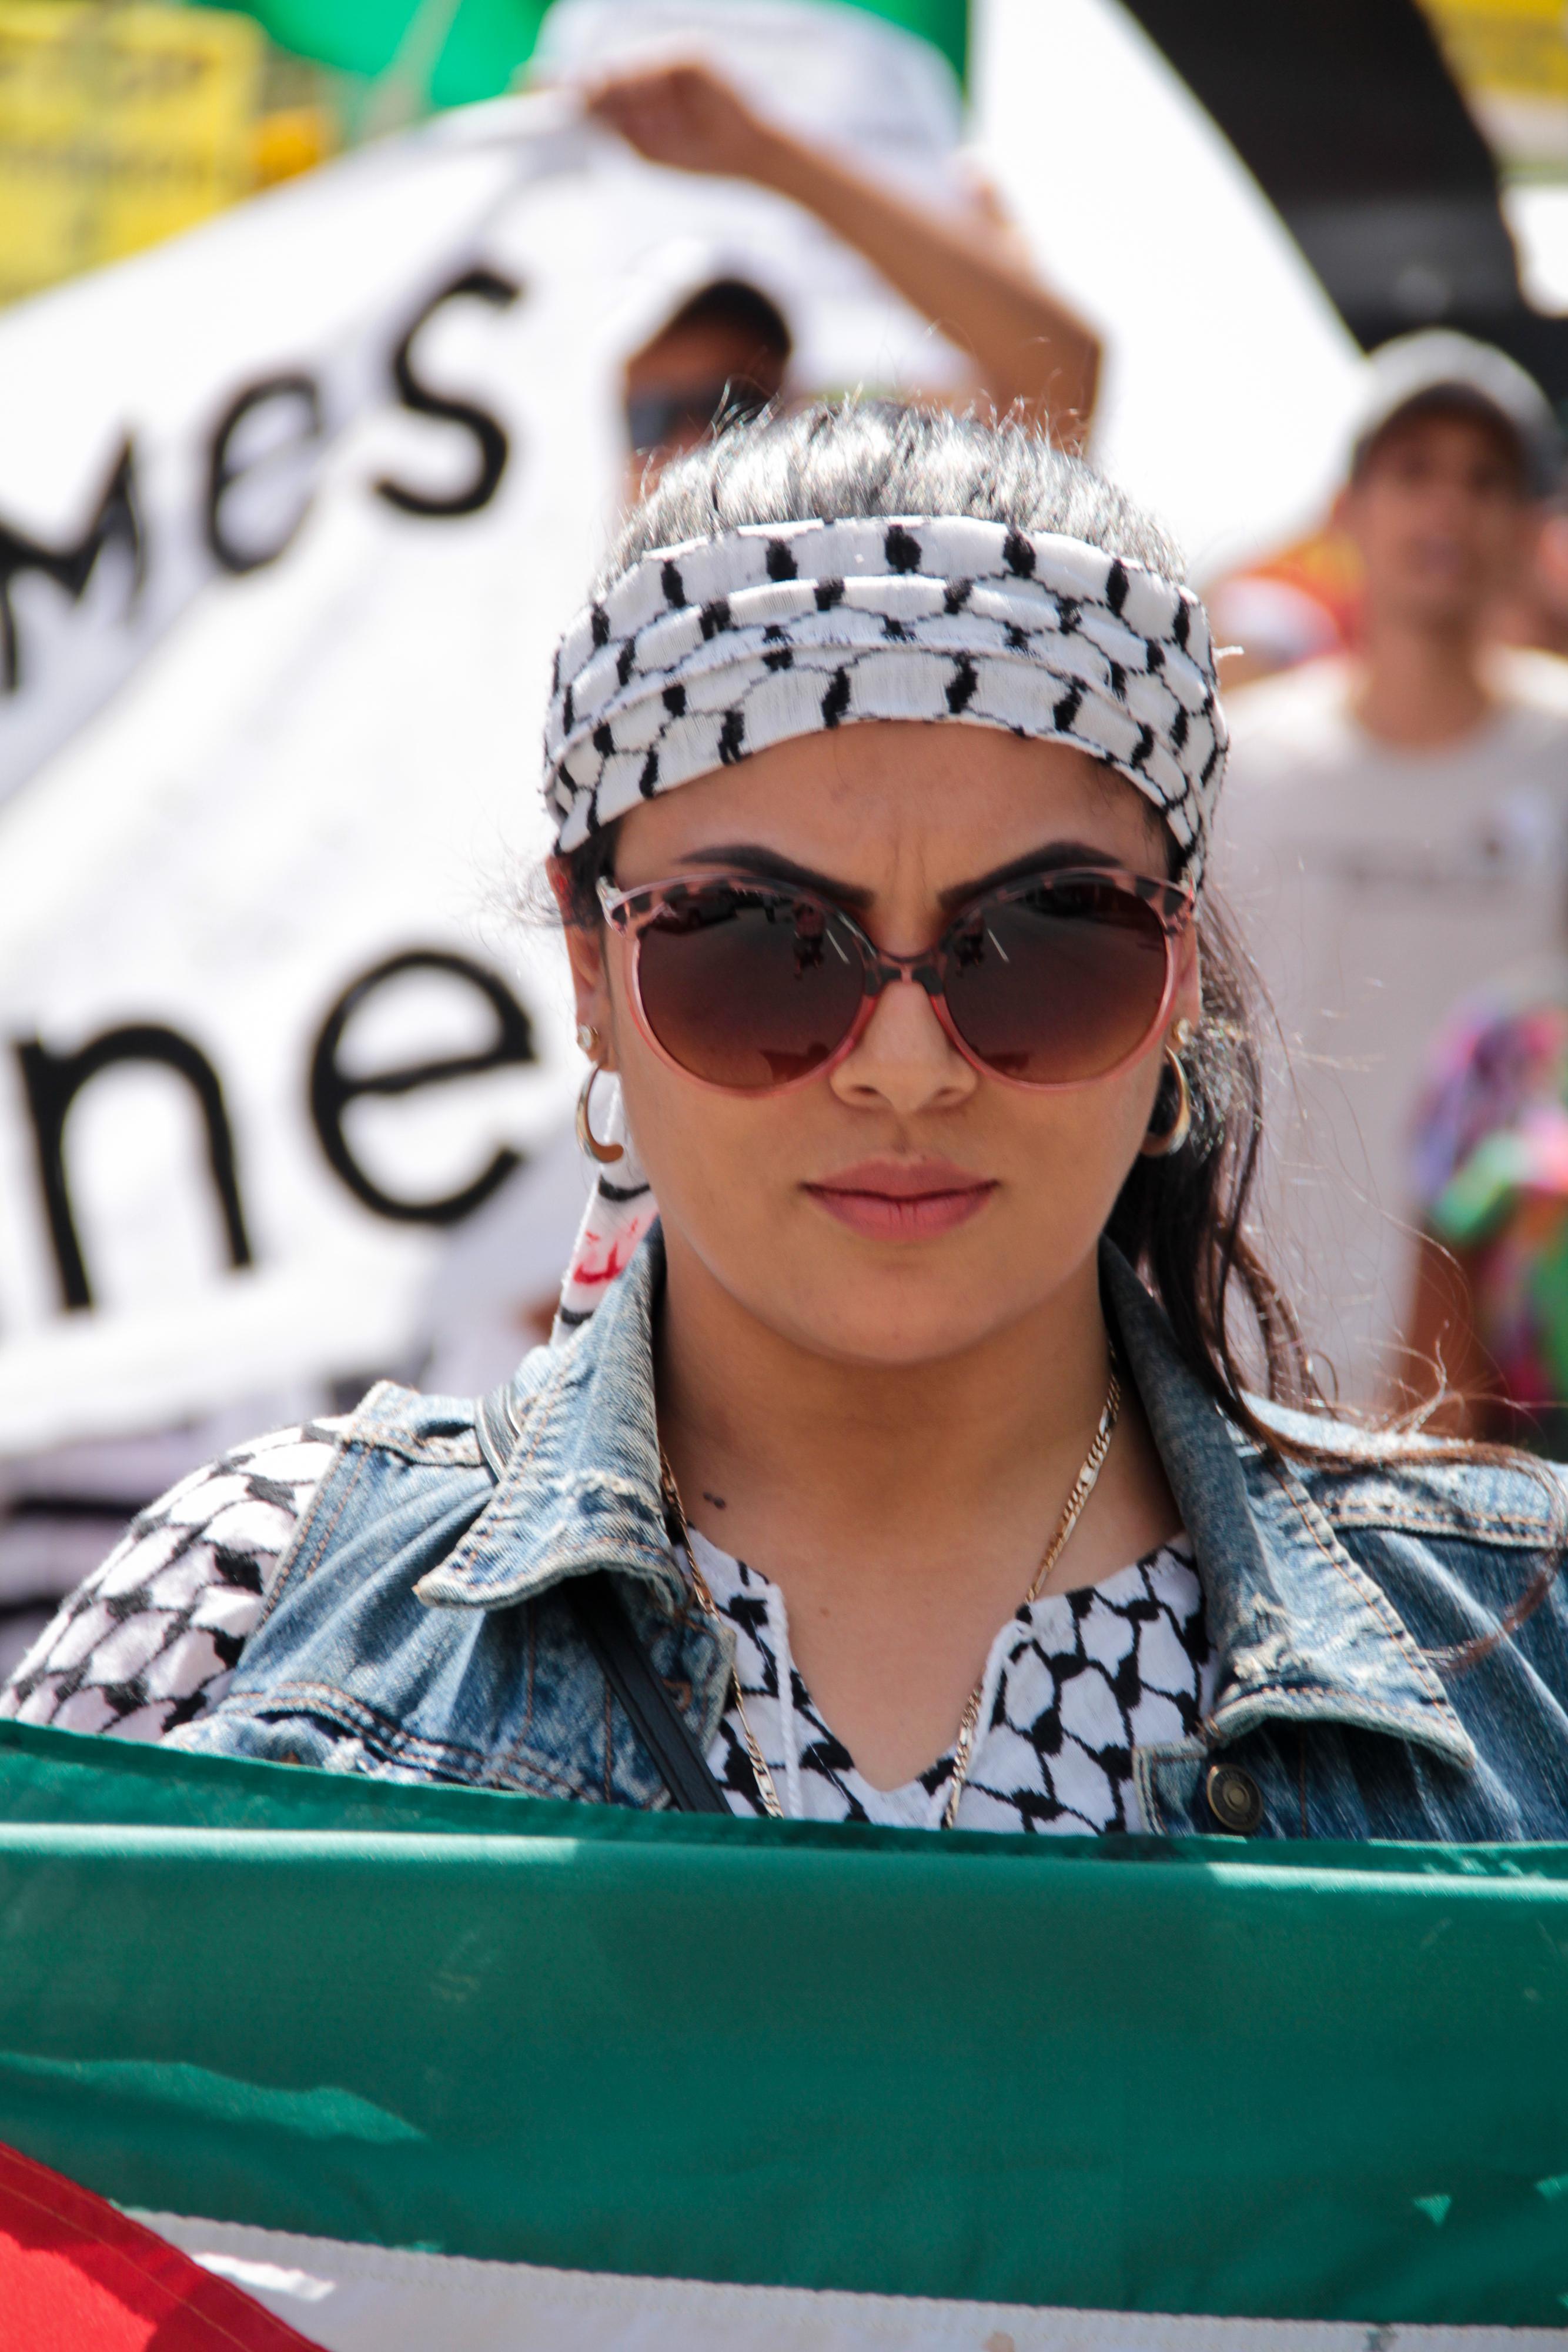 photo essay vancouver solidarity the mainlander 6